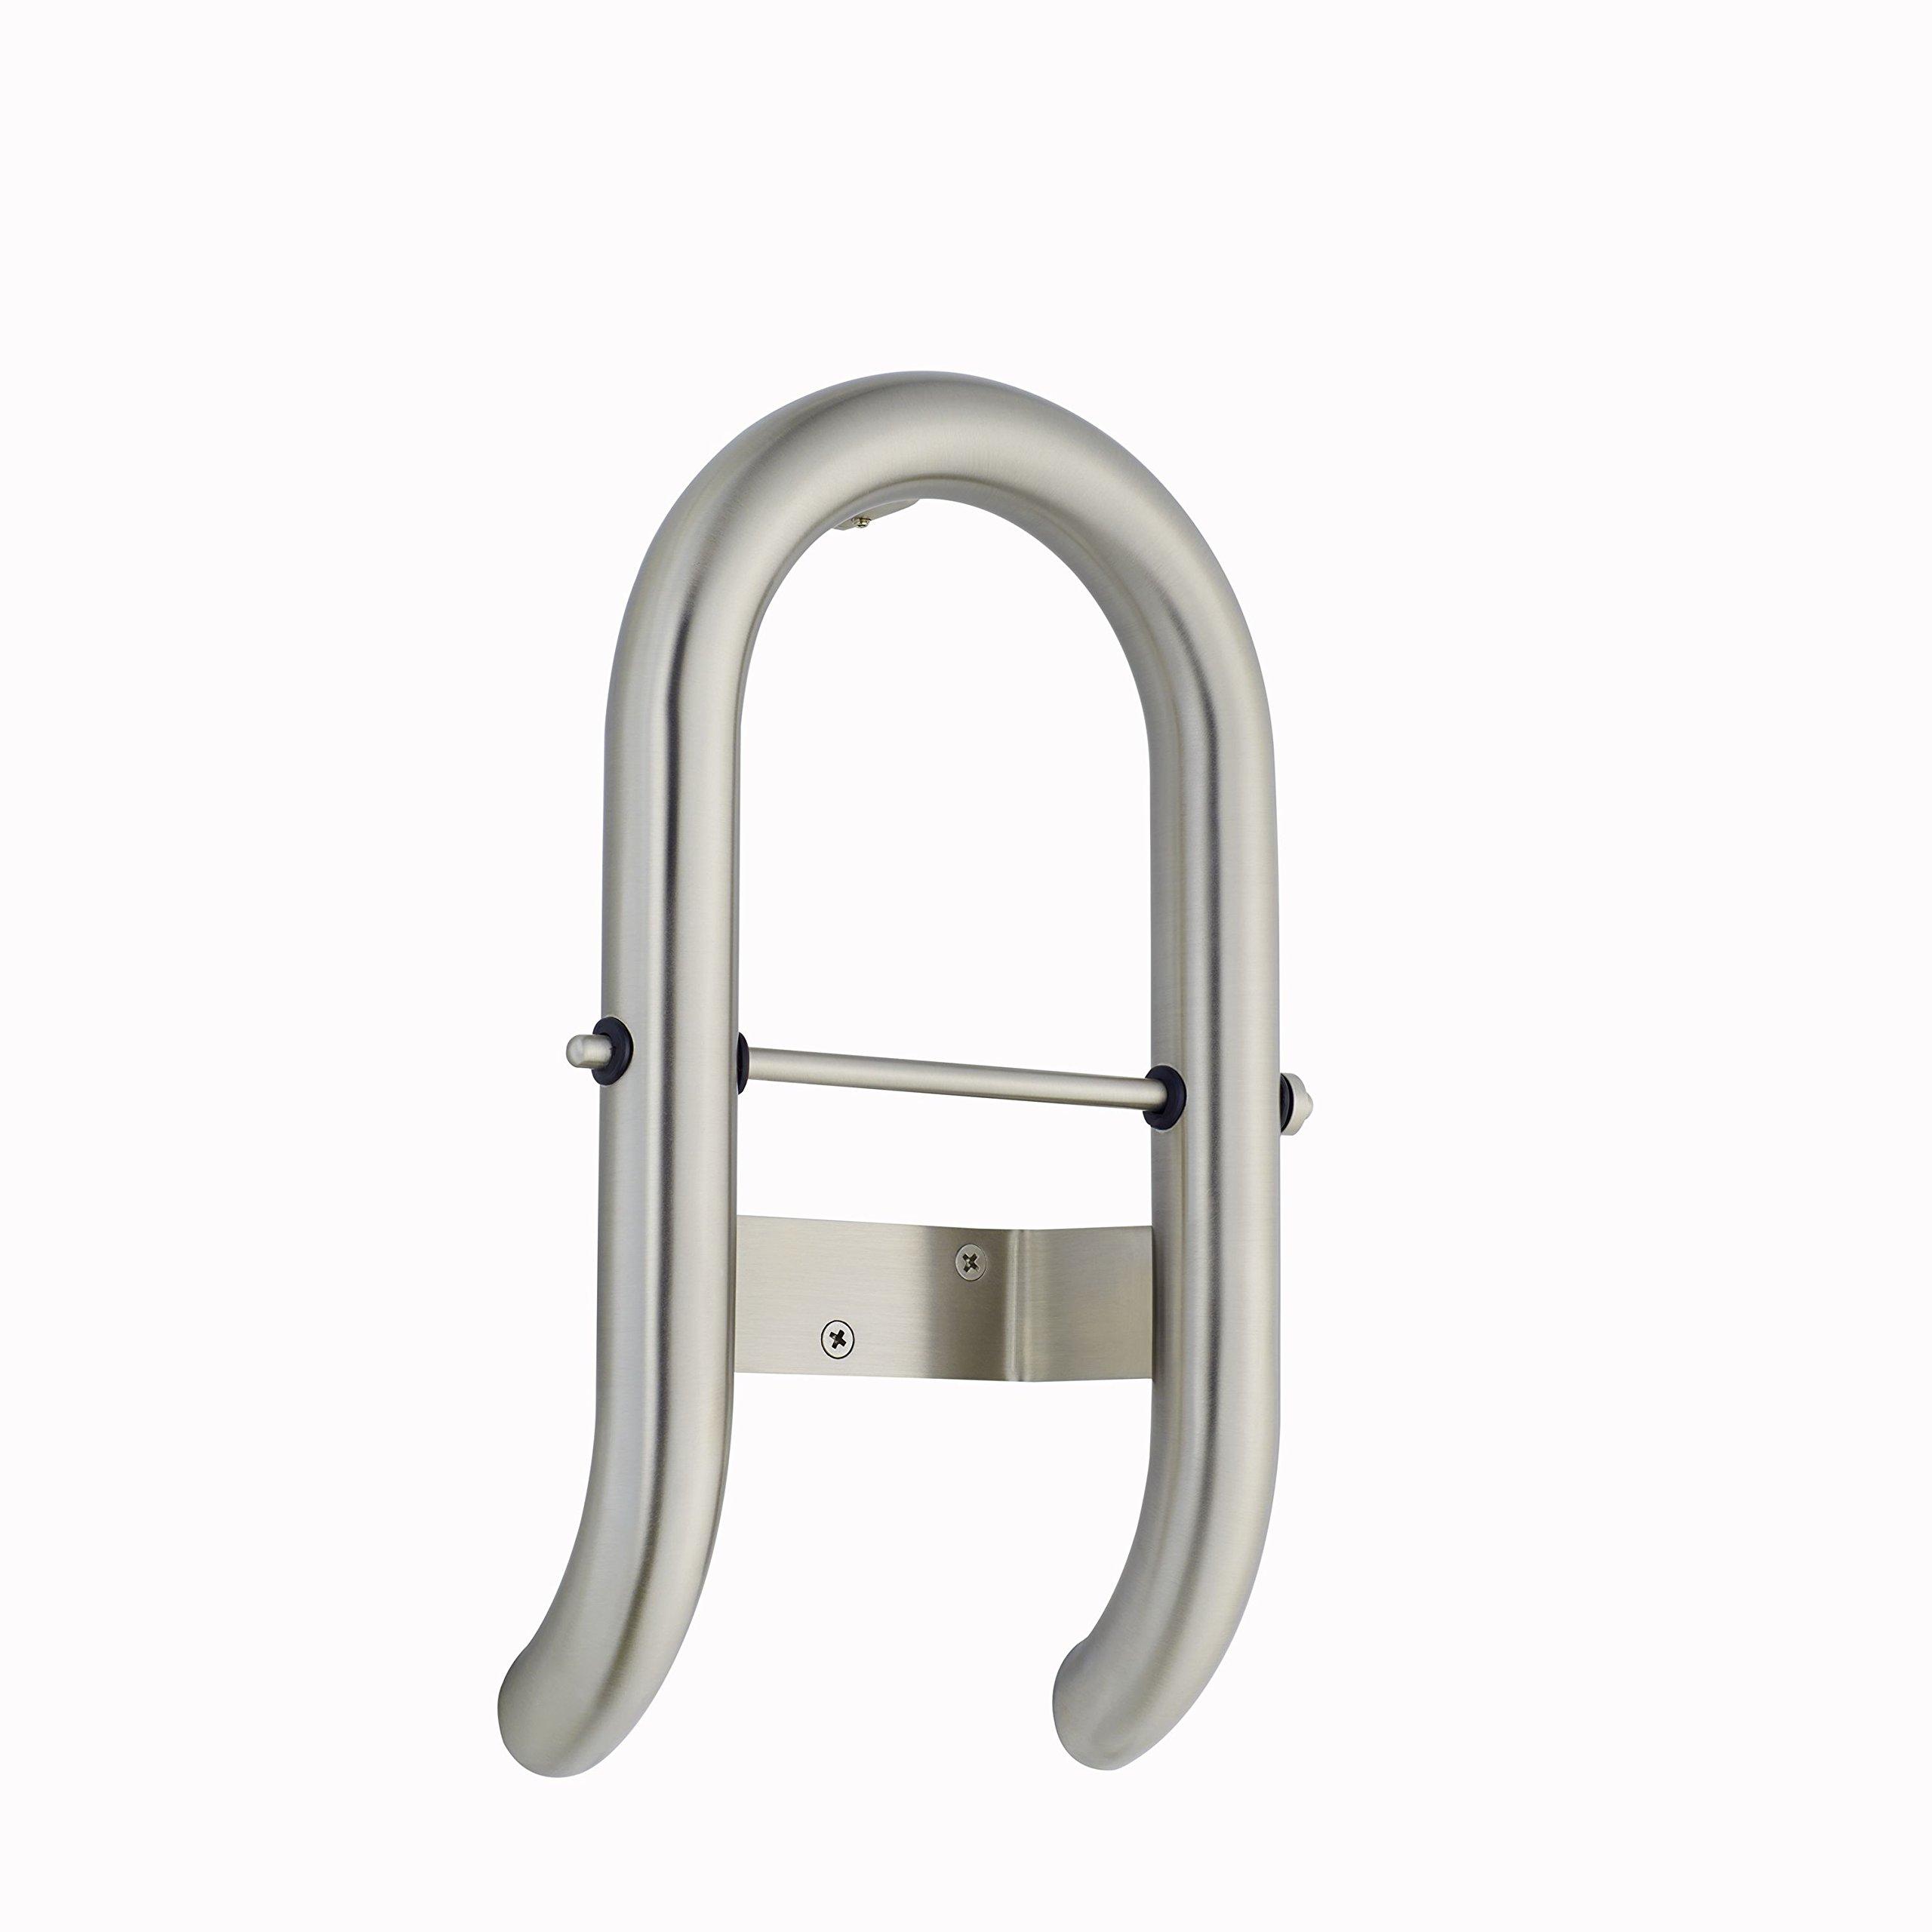 American Standard 8714.100.295 Invisia Toilet Roll Holder, Satin